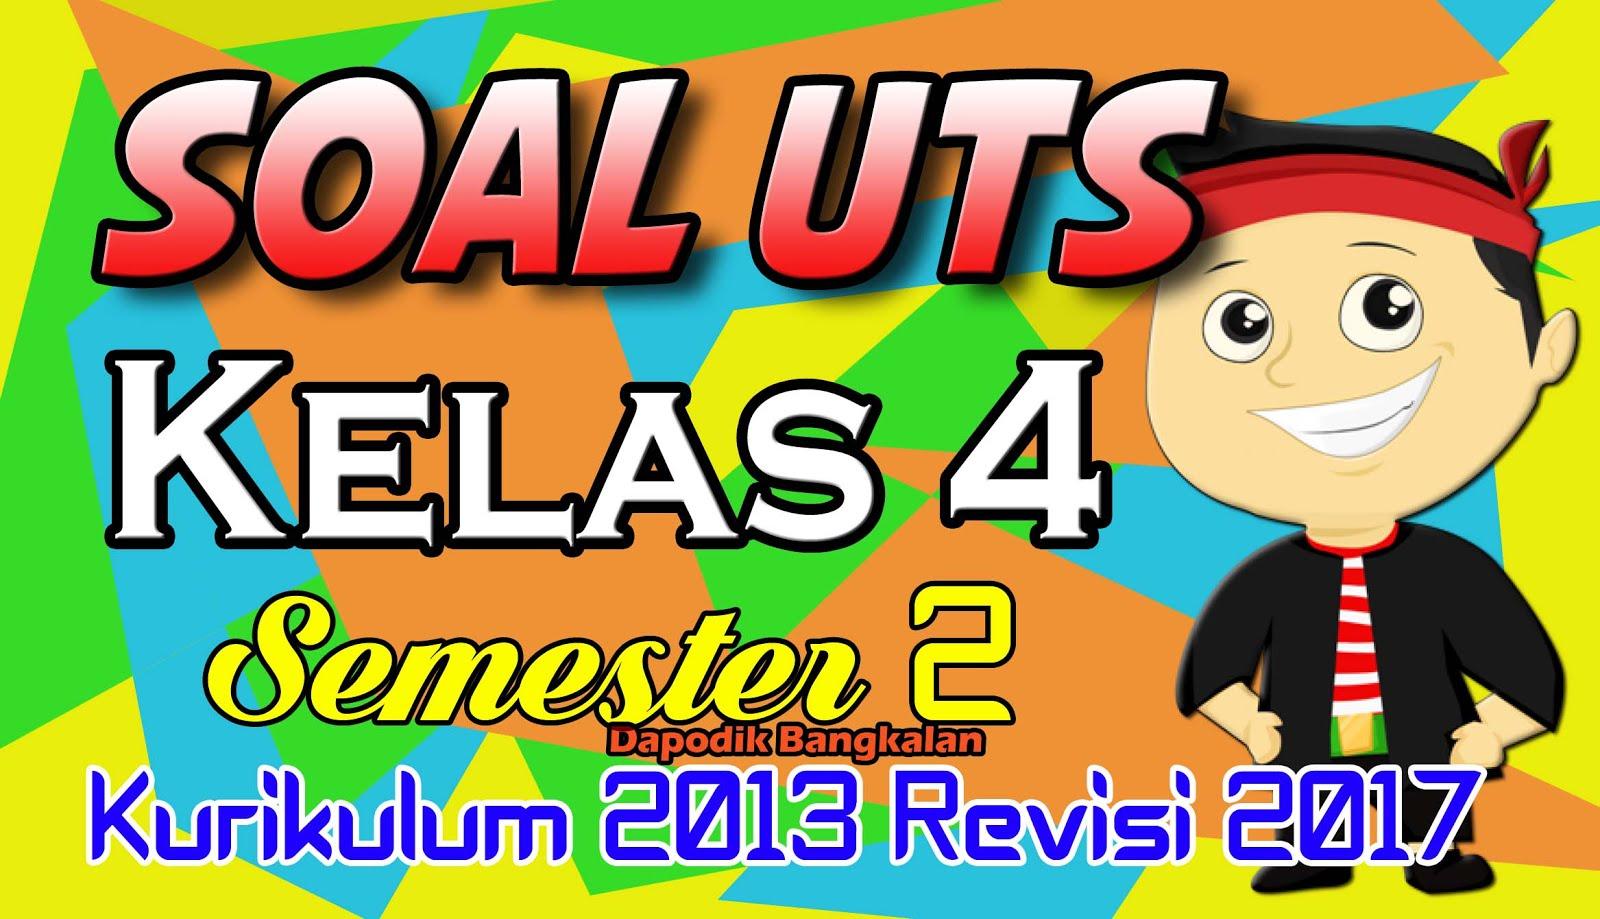 SOAL UTS Kelas 4 SD Semester 2 K13 / Kurikulum 2013 Revisi 2017 Plus Kunci Jawaban